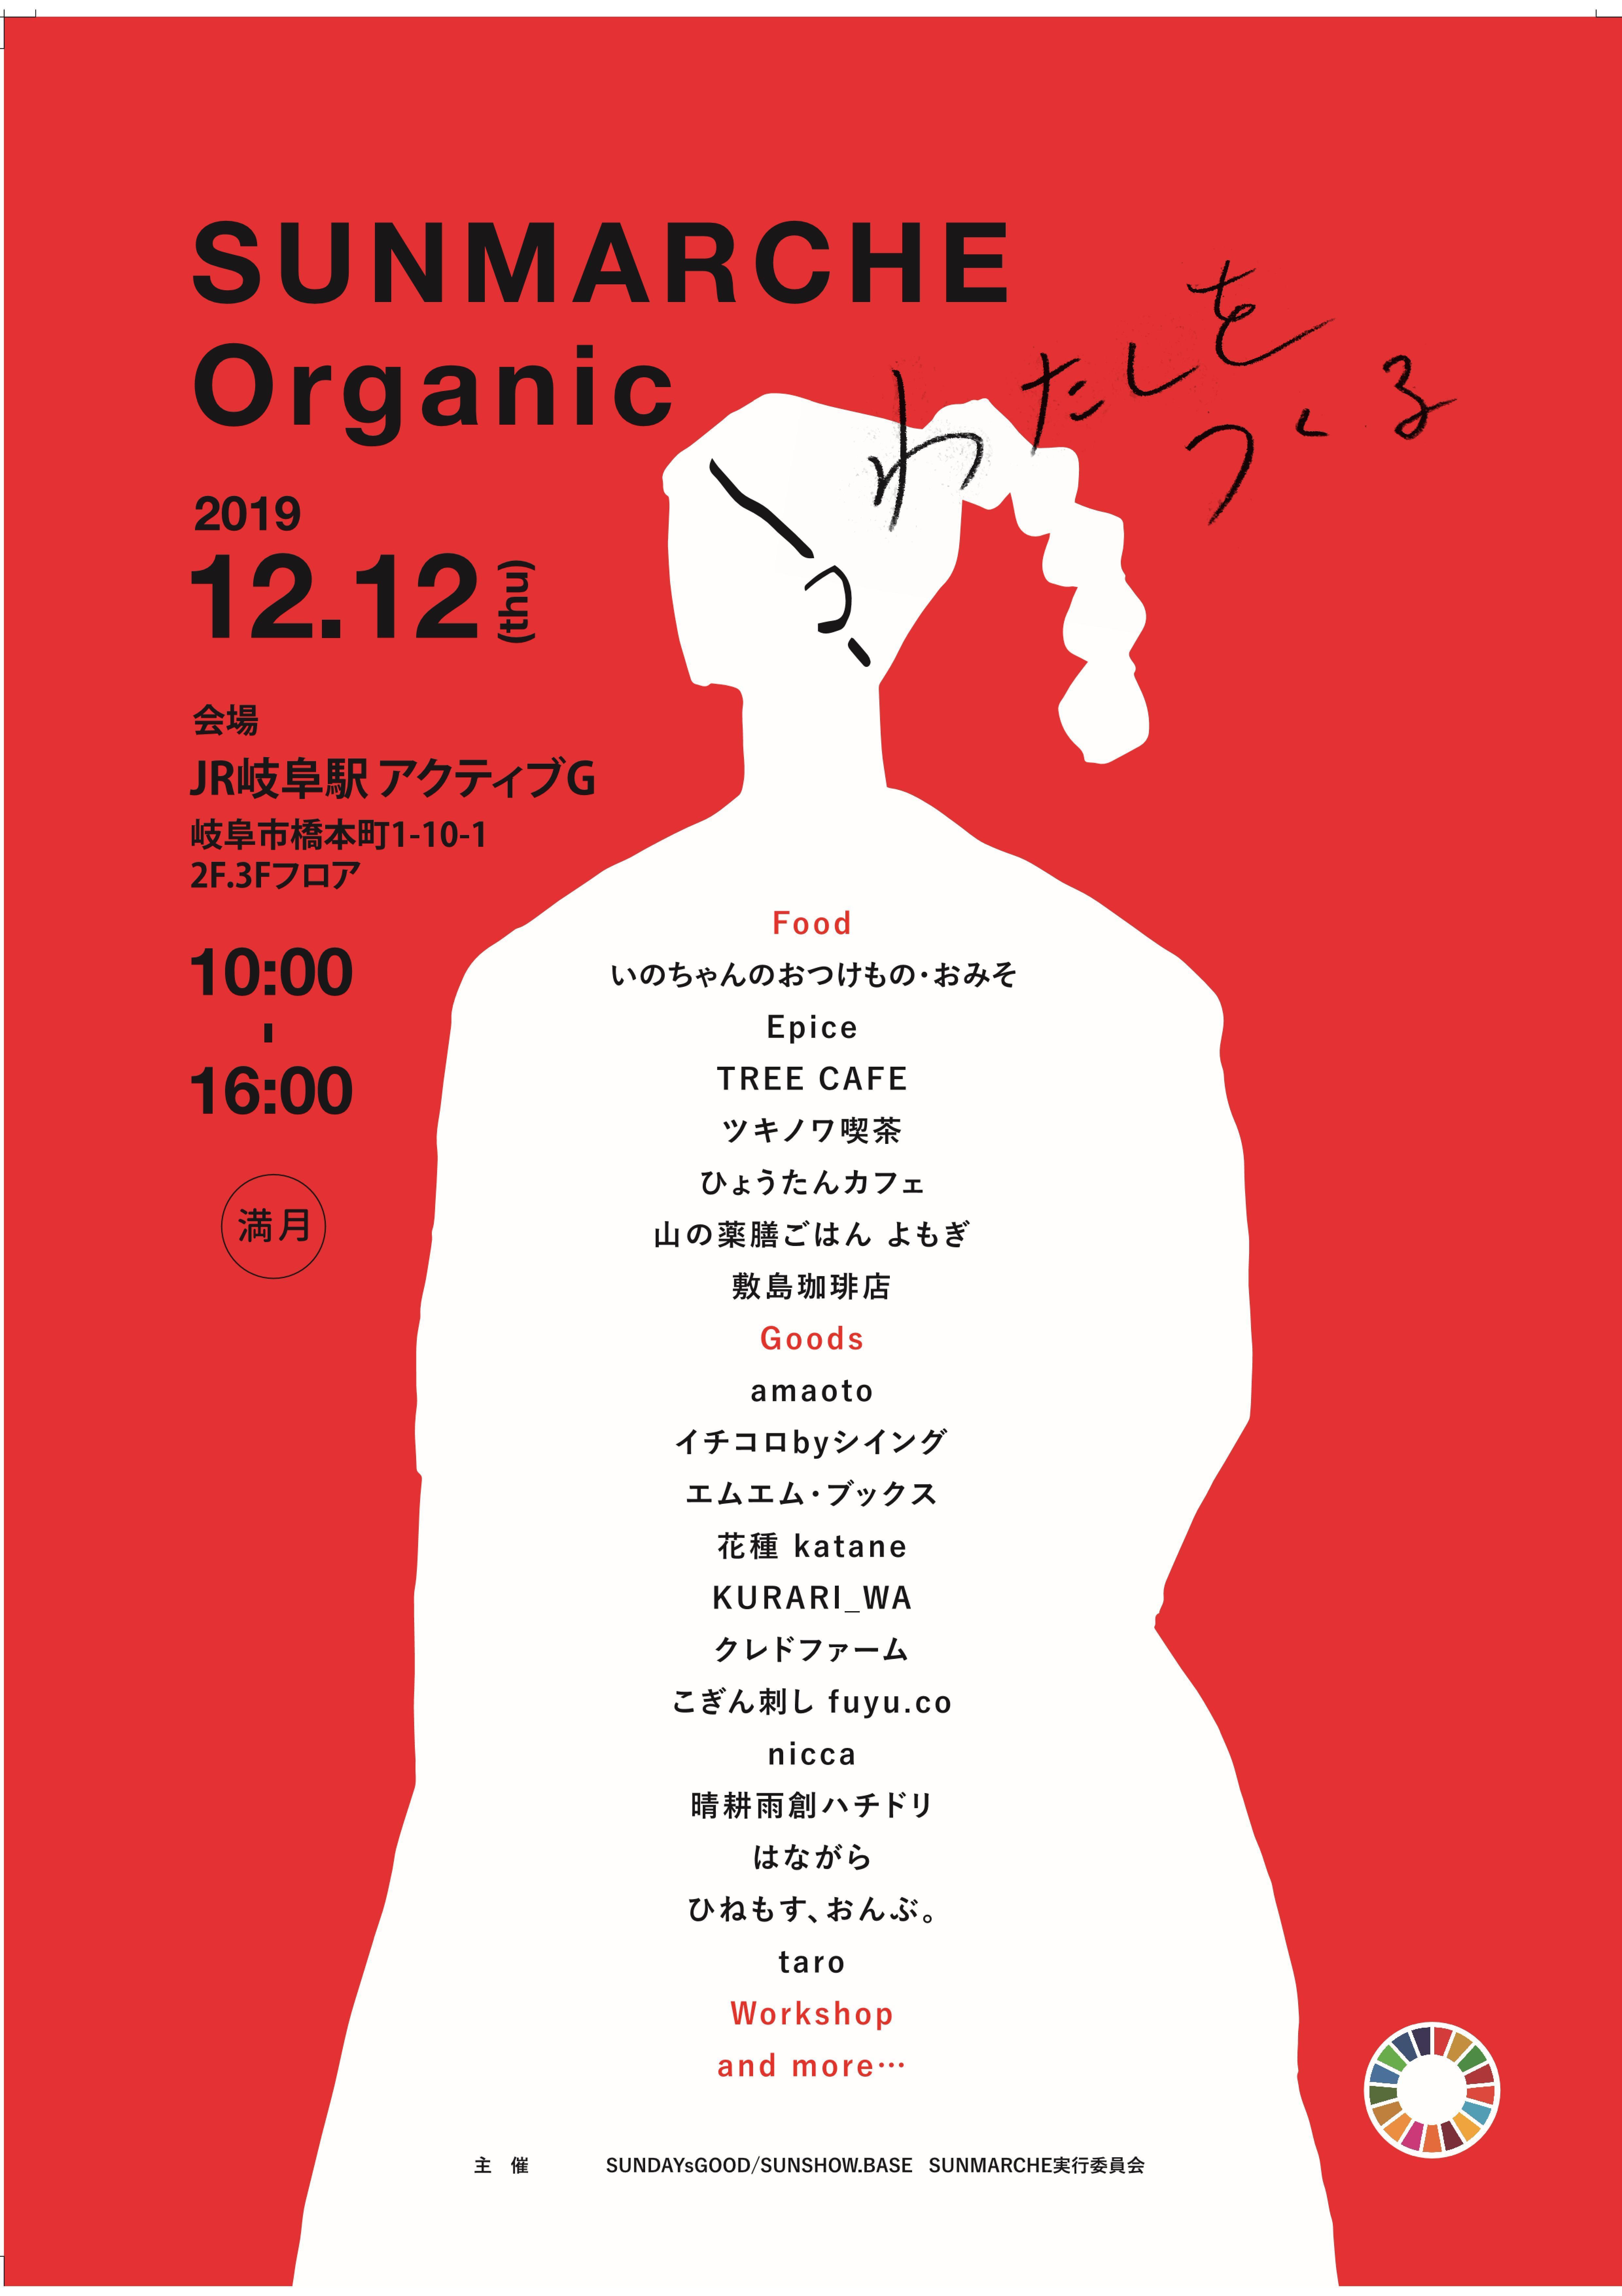 岐阜市でSDGs(持続可能)なマルシェを開催 ~オーガニックで美味しく楽しい毎日を~ 画像